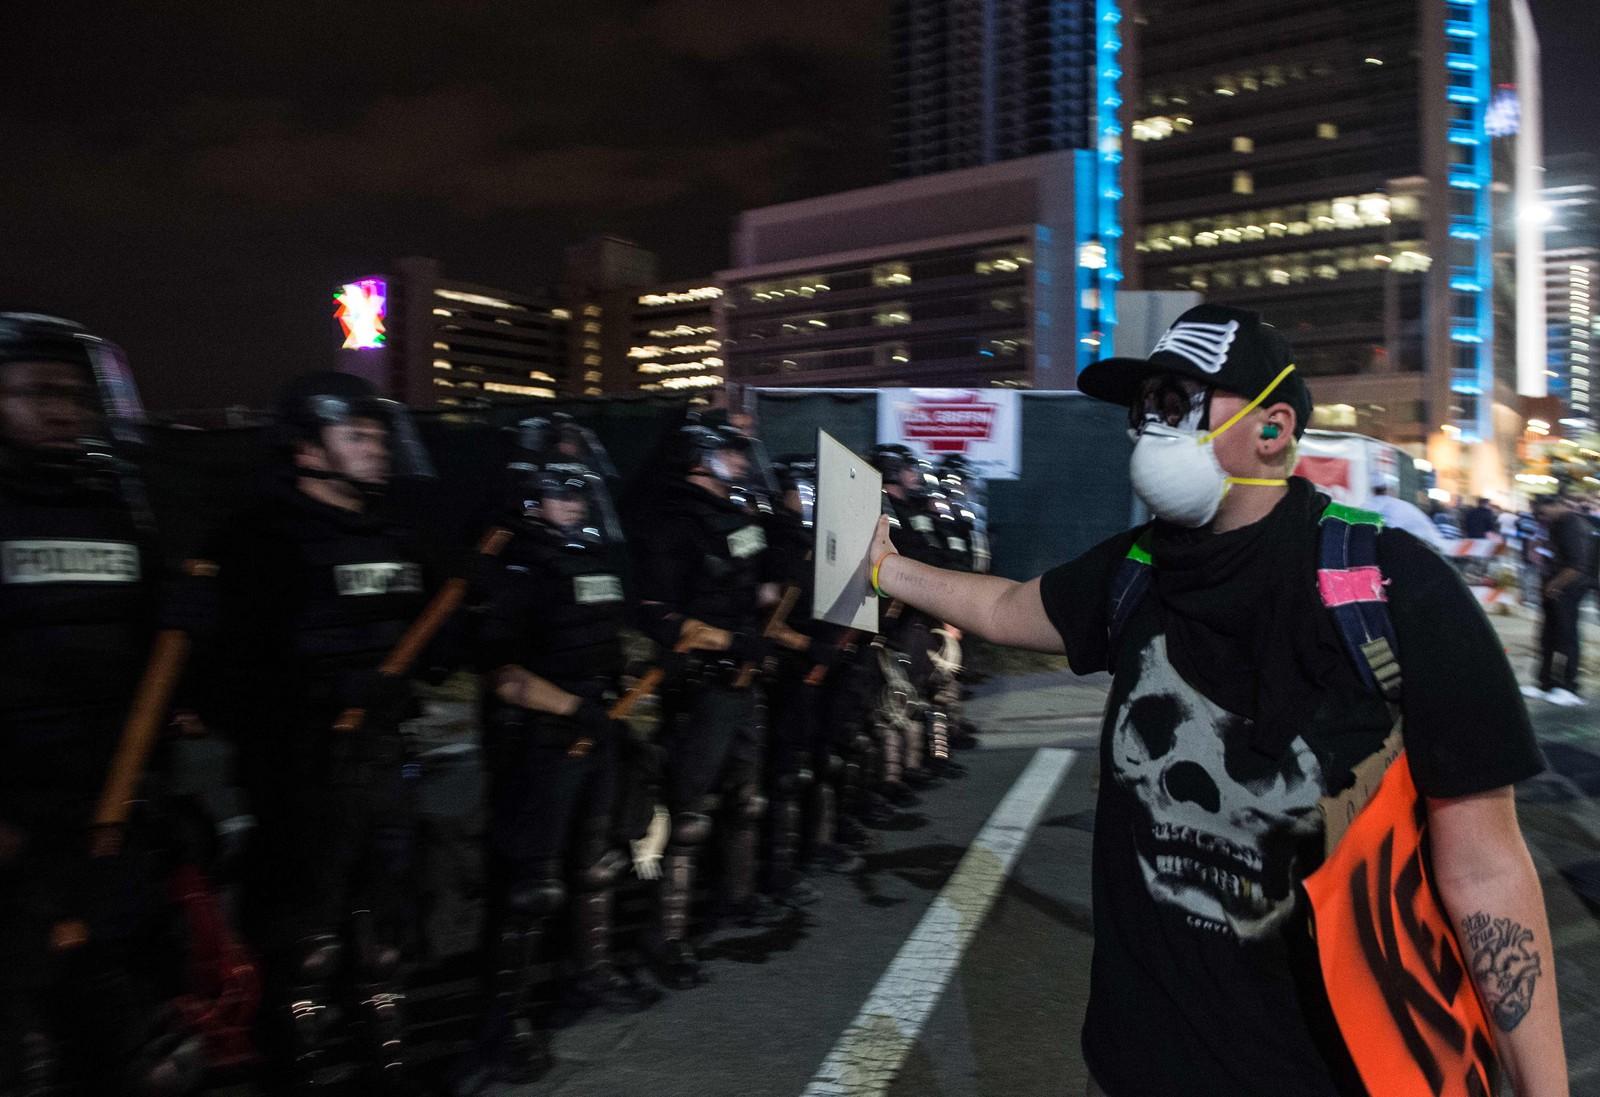 Hundrevis av demonstranter trosset portforbudet i Charlotte.